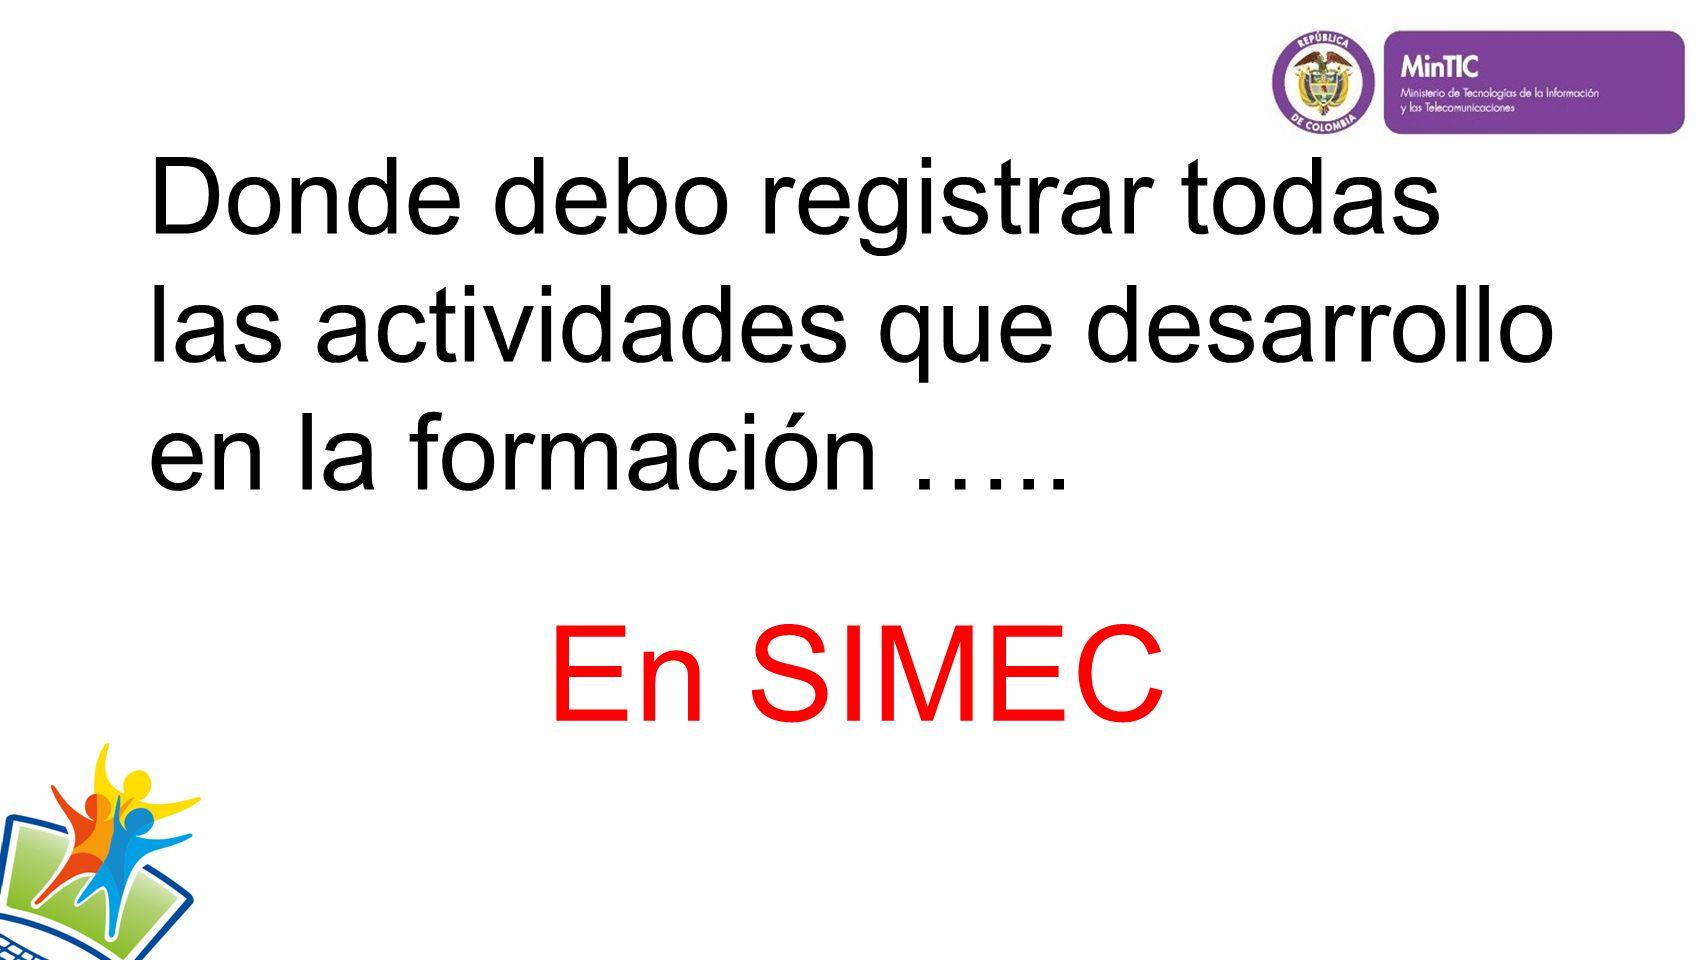 Donde debo registrar todas las actividades que desarrollo en la formación ….. En SIMEC